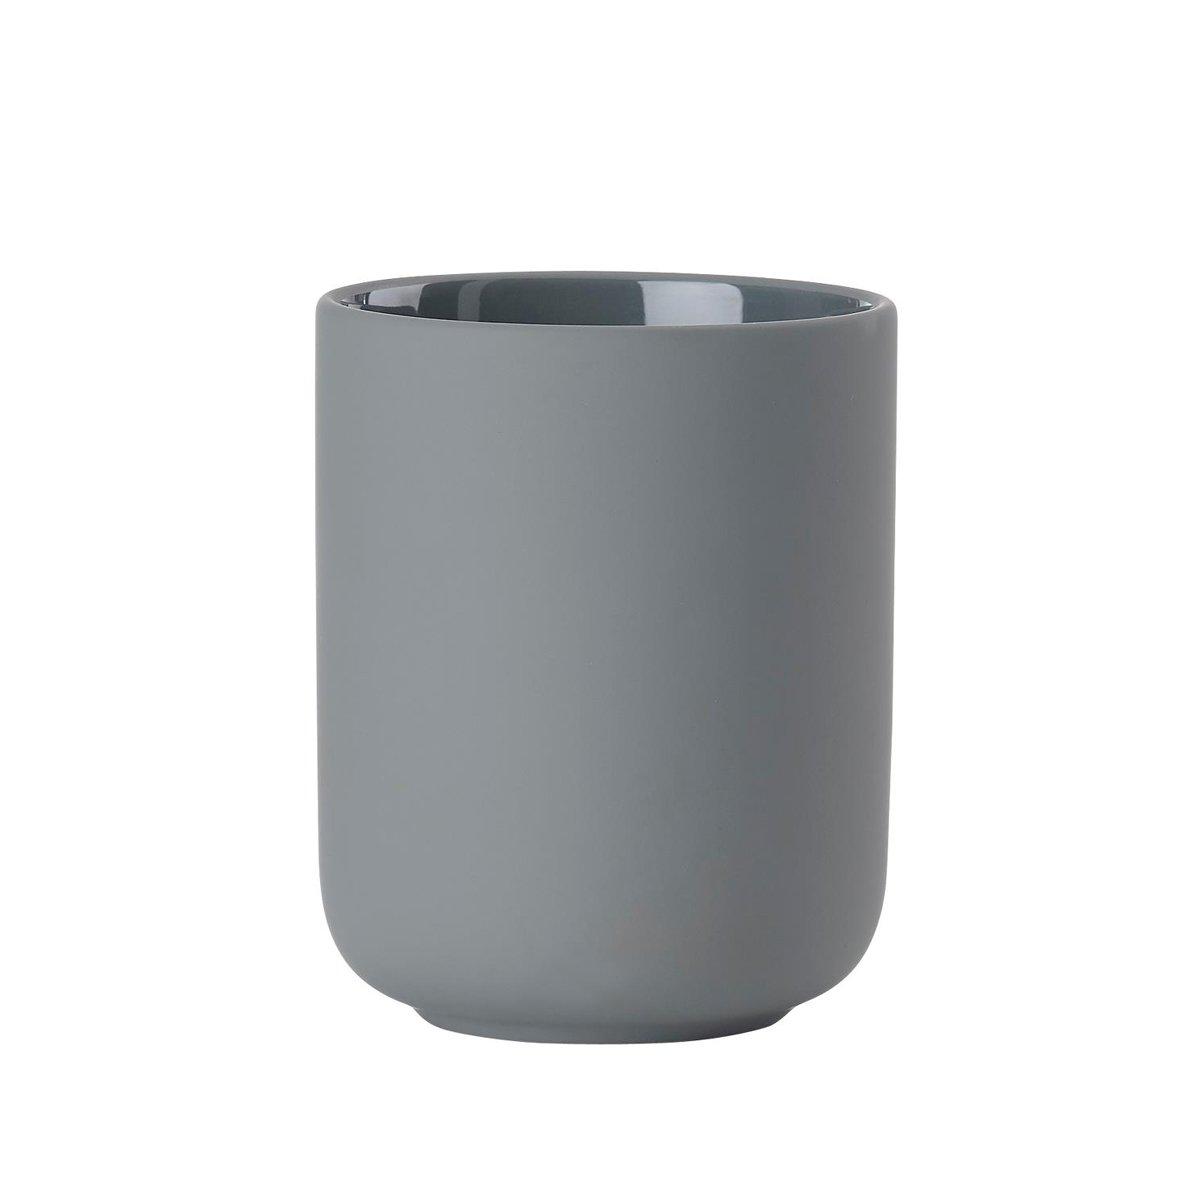 Zone Spazzolino tazza Ume, terracotta con Soft Touch, Grigio, circa 10cm H   ZO di 381075  5708760660292